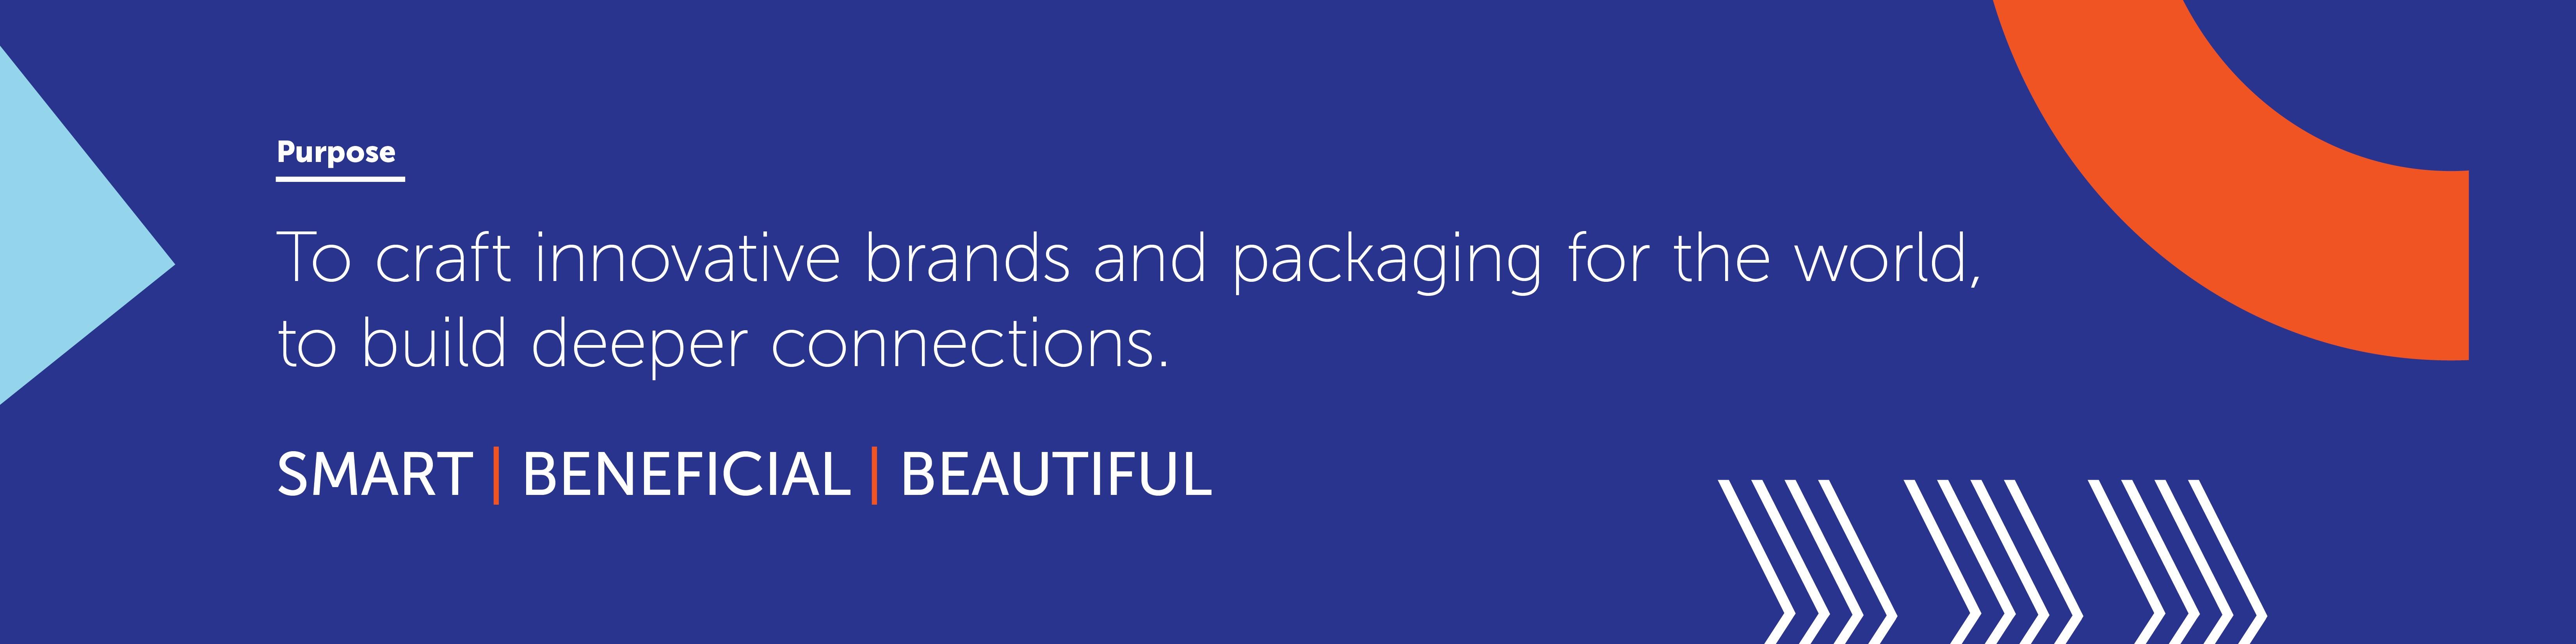 Stratcom Branding ▻ Branding + Packaging + Design Agency